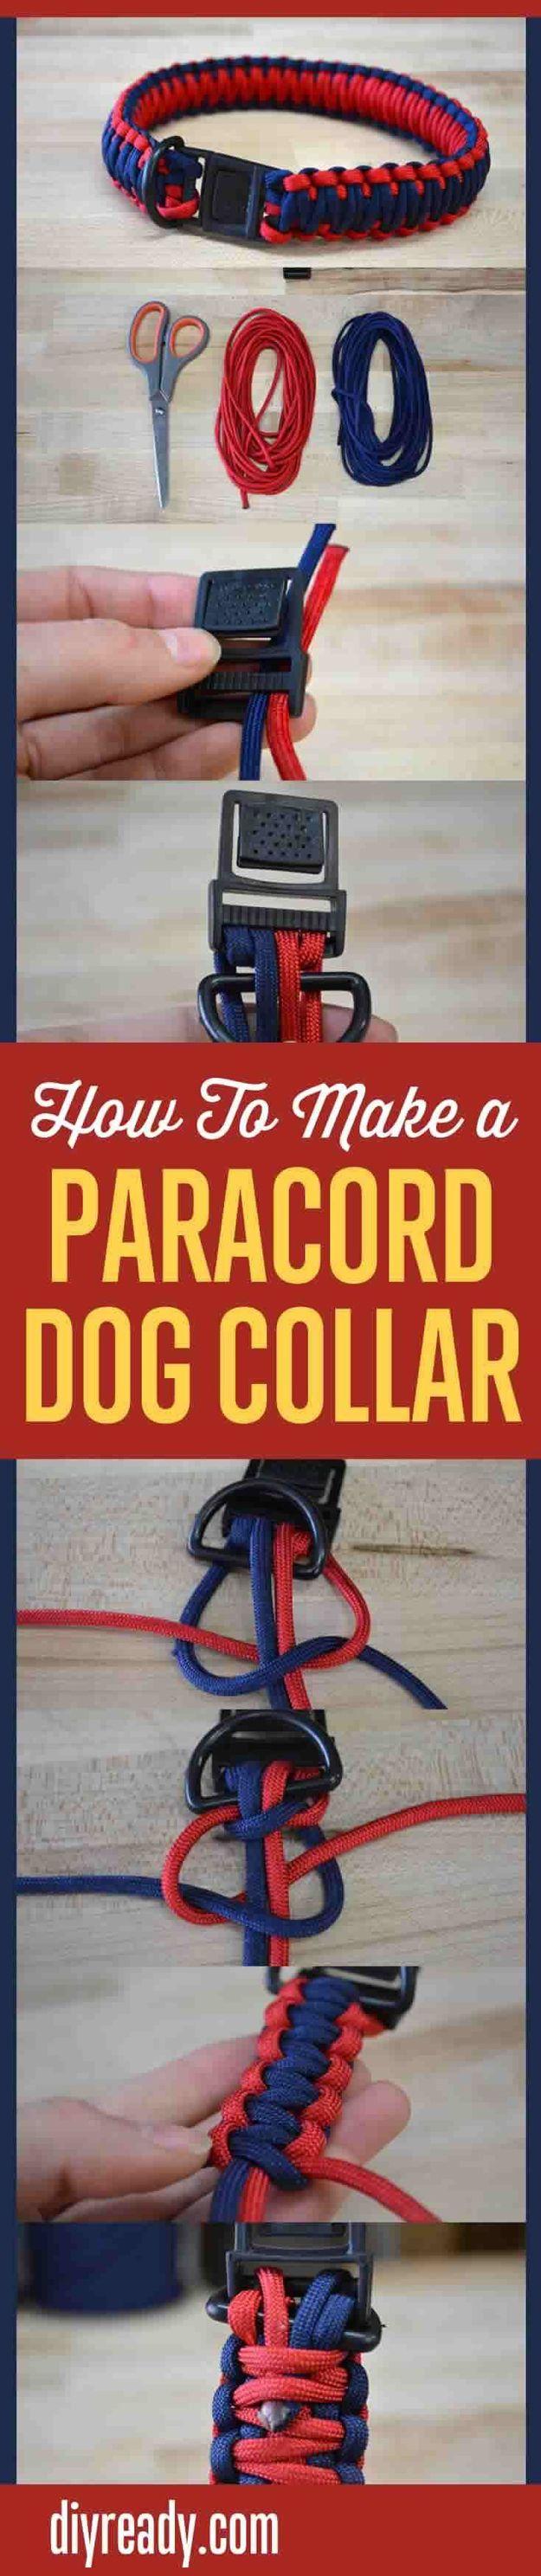 Homemade Dog Collar Projects | Paracord Dog Collar by DIY Ready at http://diyready.com/diy-dog-crafts-mans-best-friend-will-love/ und die Bänder mit ätherischen Ölen einweichen und trocknen lassen